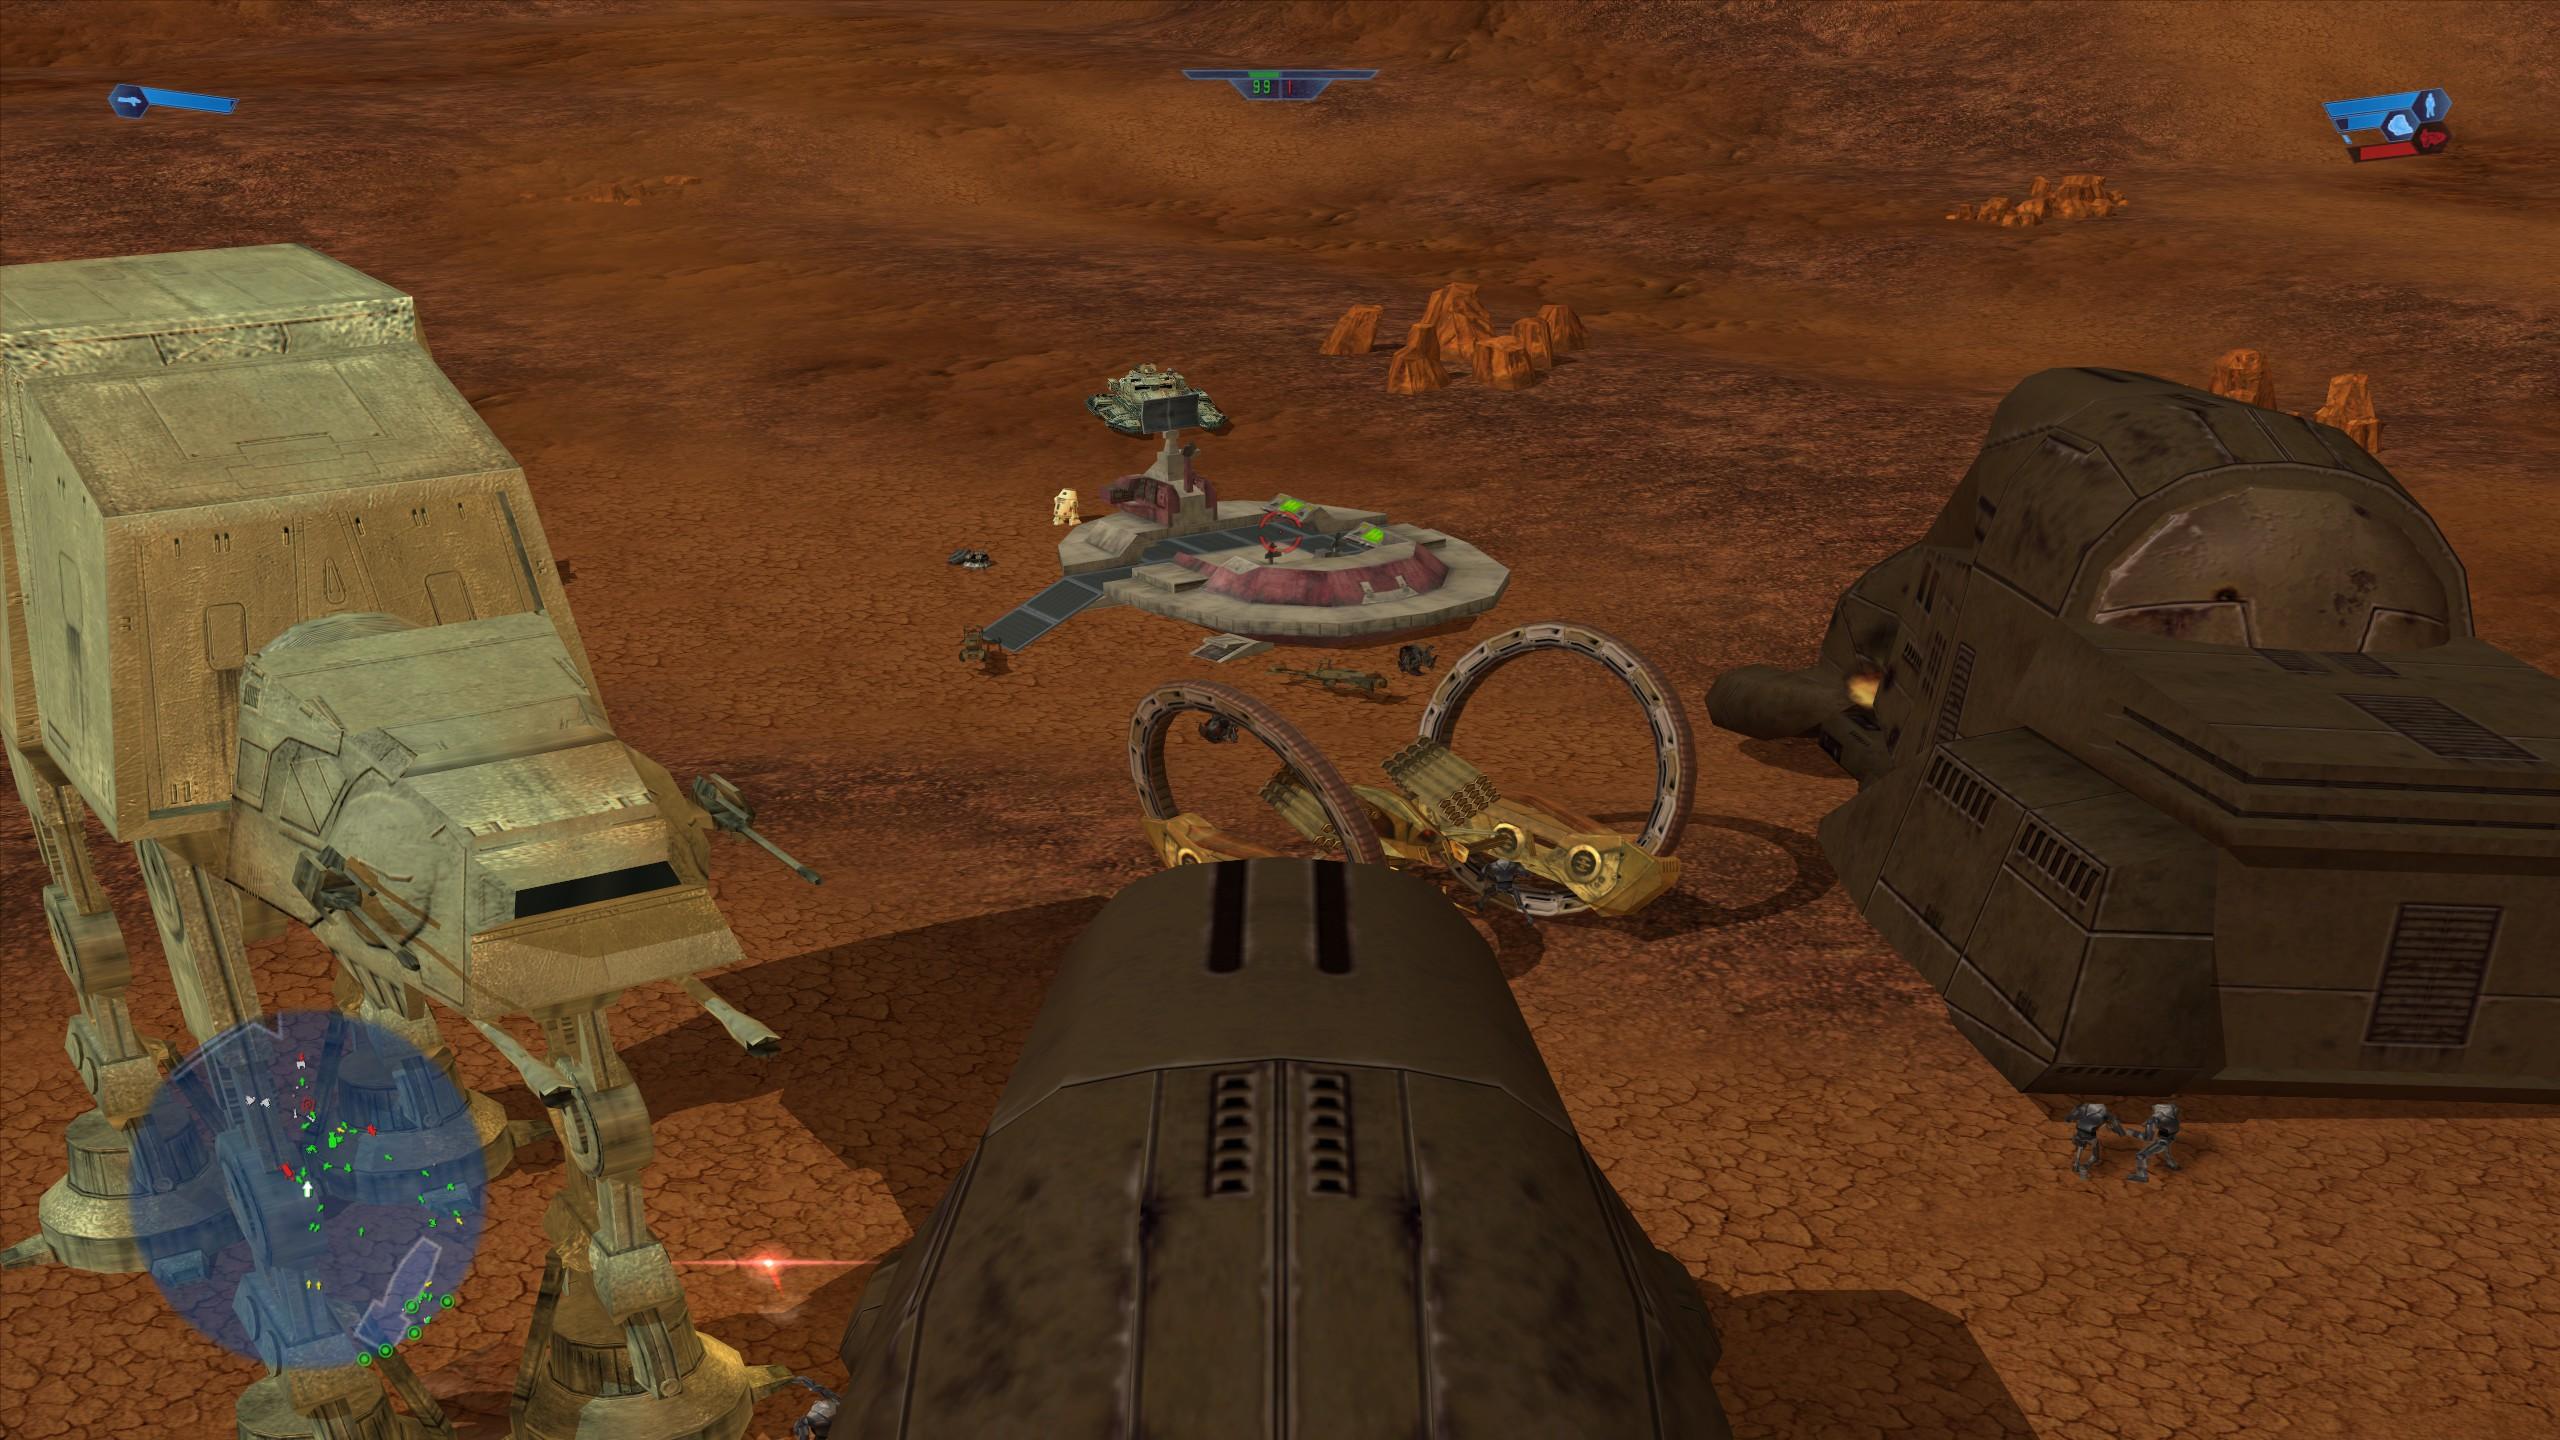 Images Star Wars Battlefront 2004 Cross Era Campaign Mod Beta For Star Wars Battlefront Mod Db